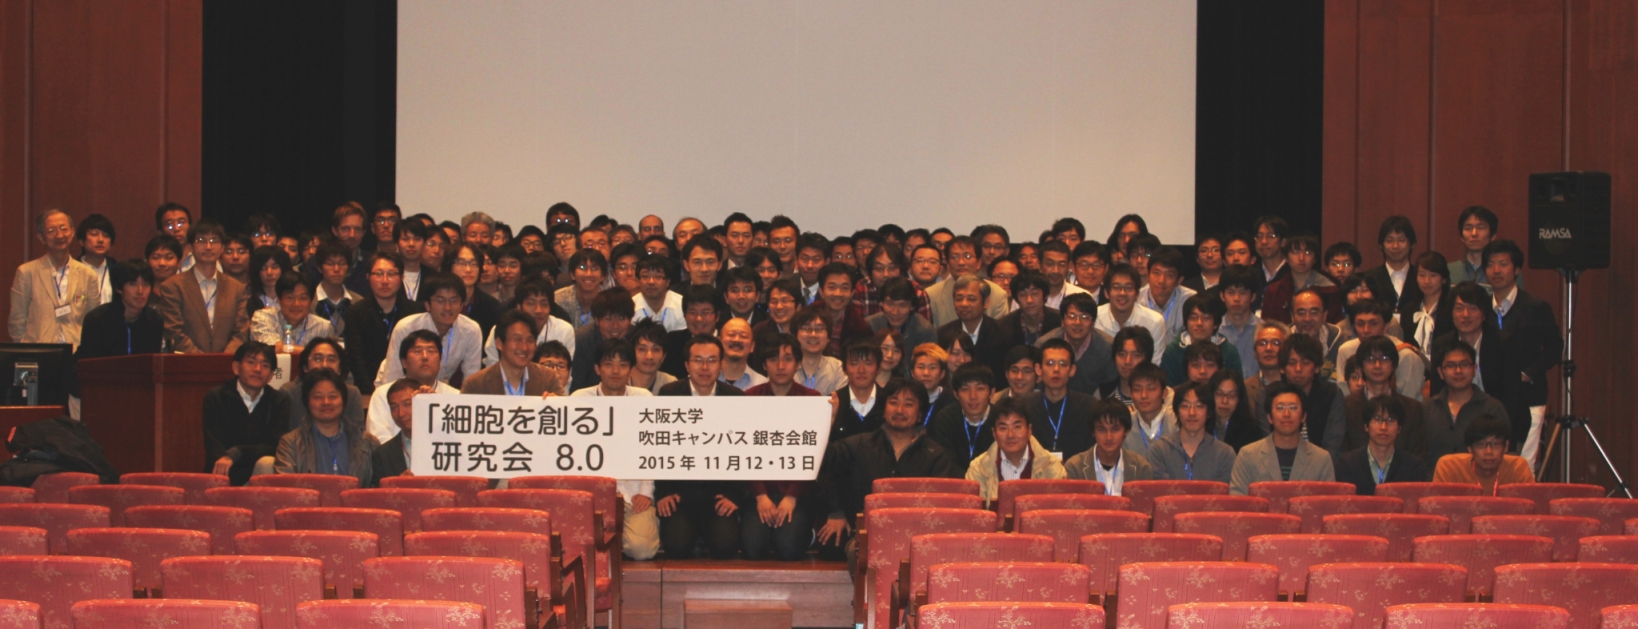 集合写真(11/12撮影)